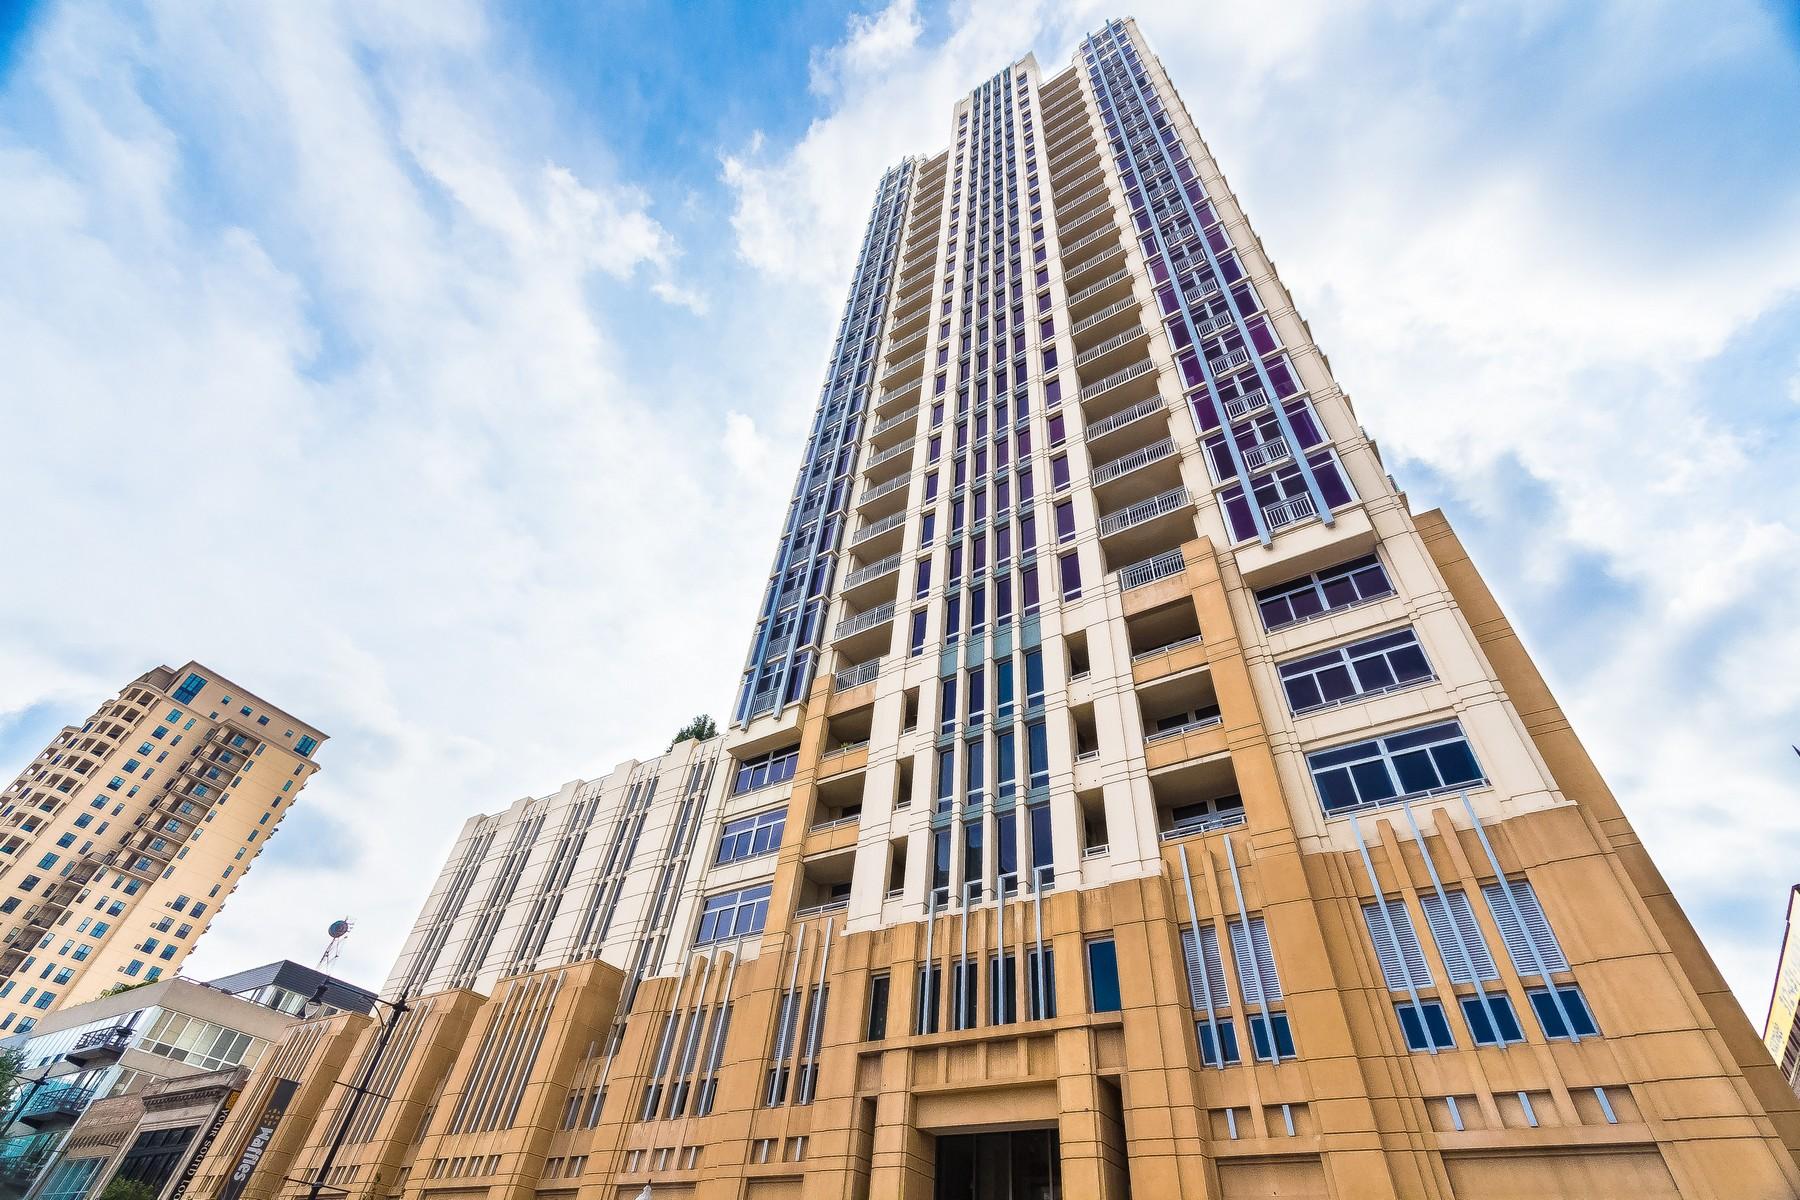 Condominium for Sale at Move-In Ready South Loop Condo! 1400 S Michigan Avenue Unit 1510 Chicago, Illinois 60605 United States